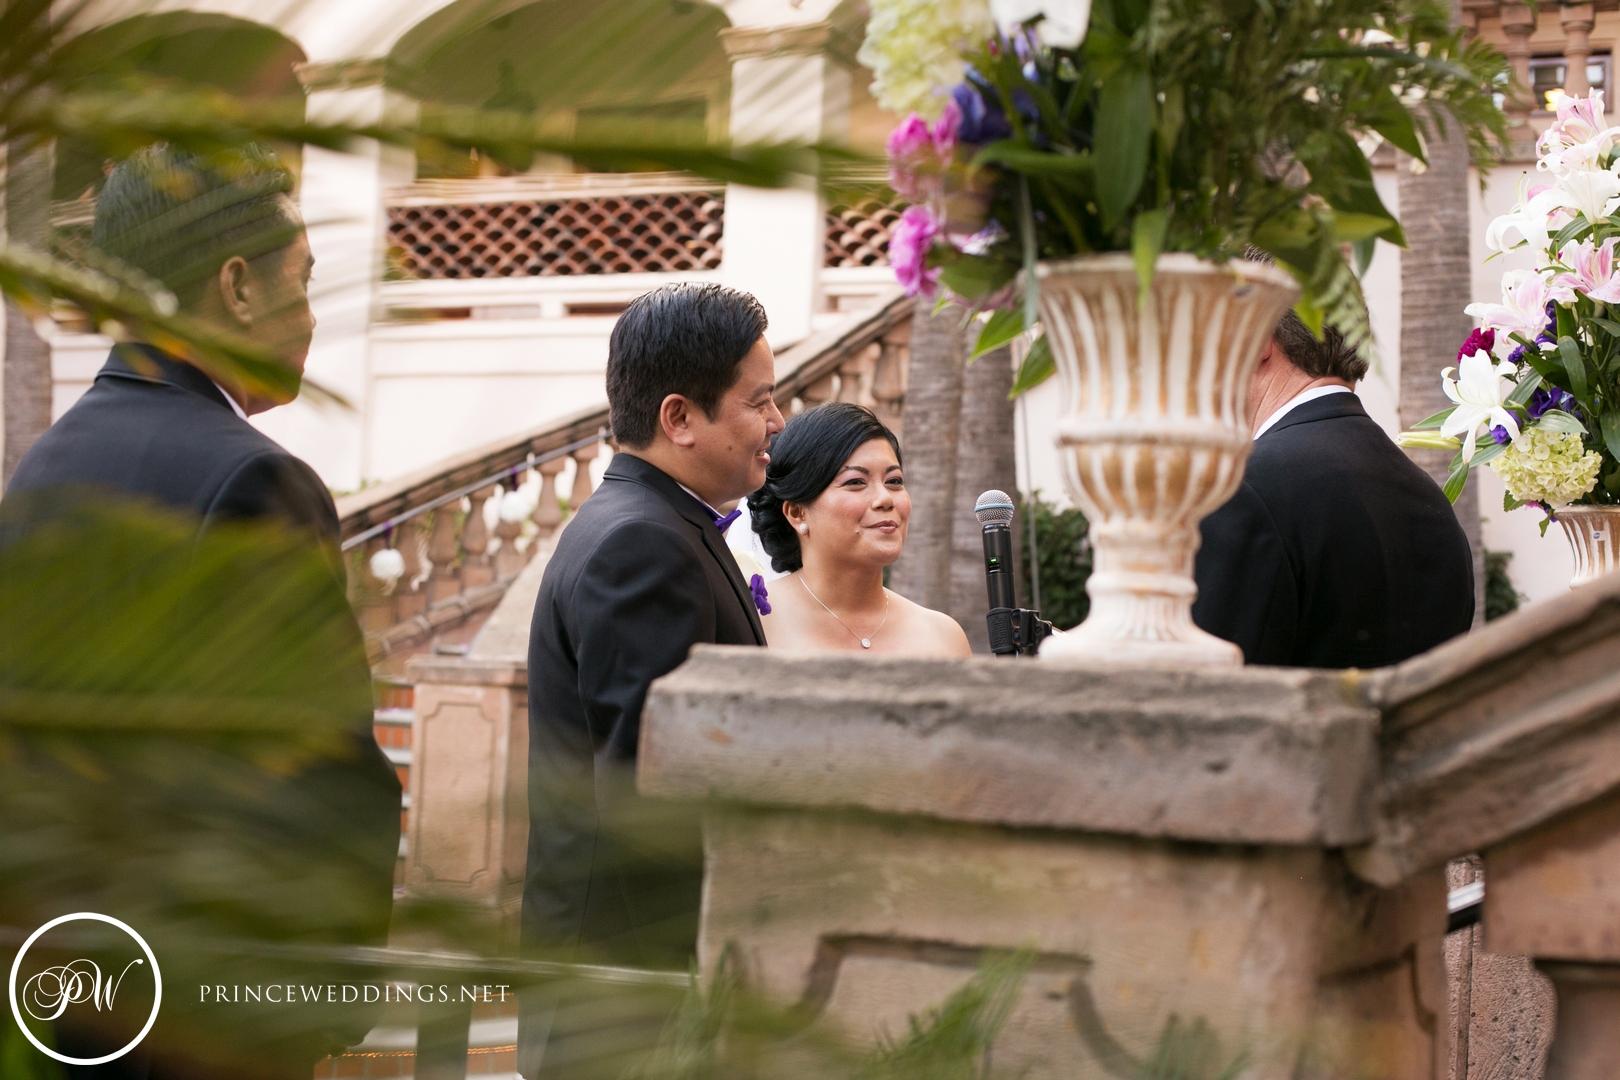 TurnipRose_Wedding_Photography_James+Luisa68.jpg